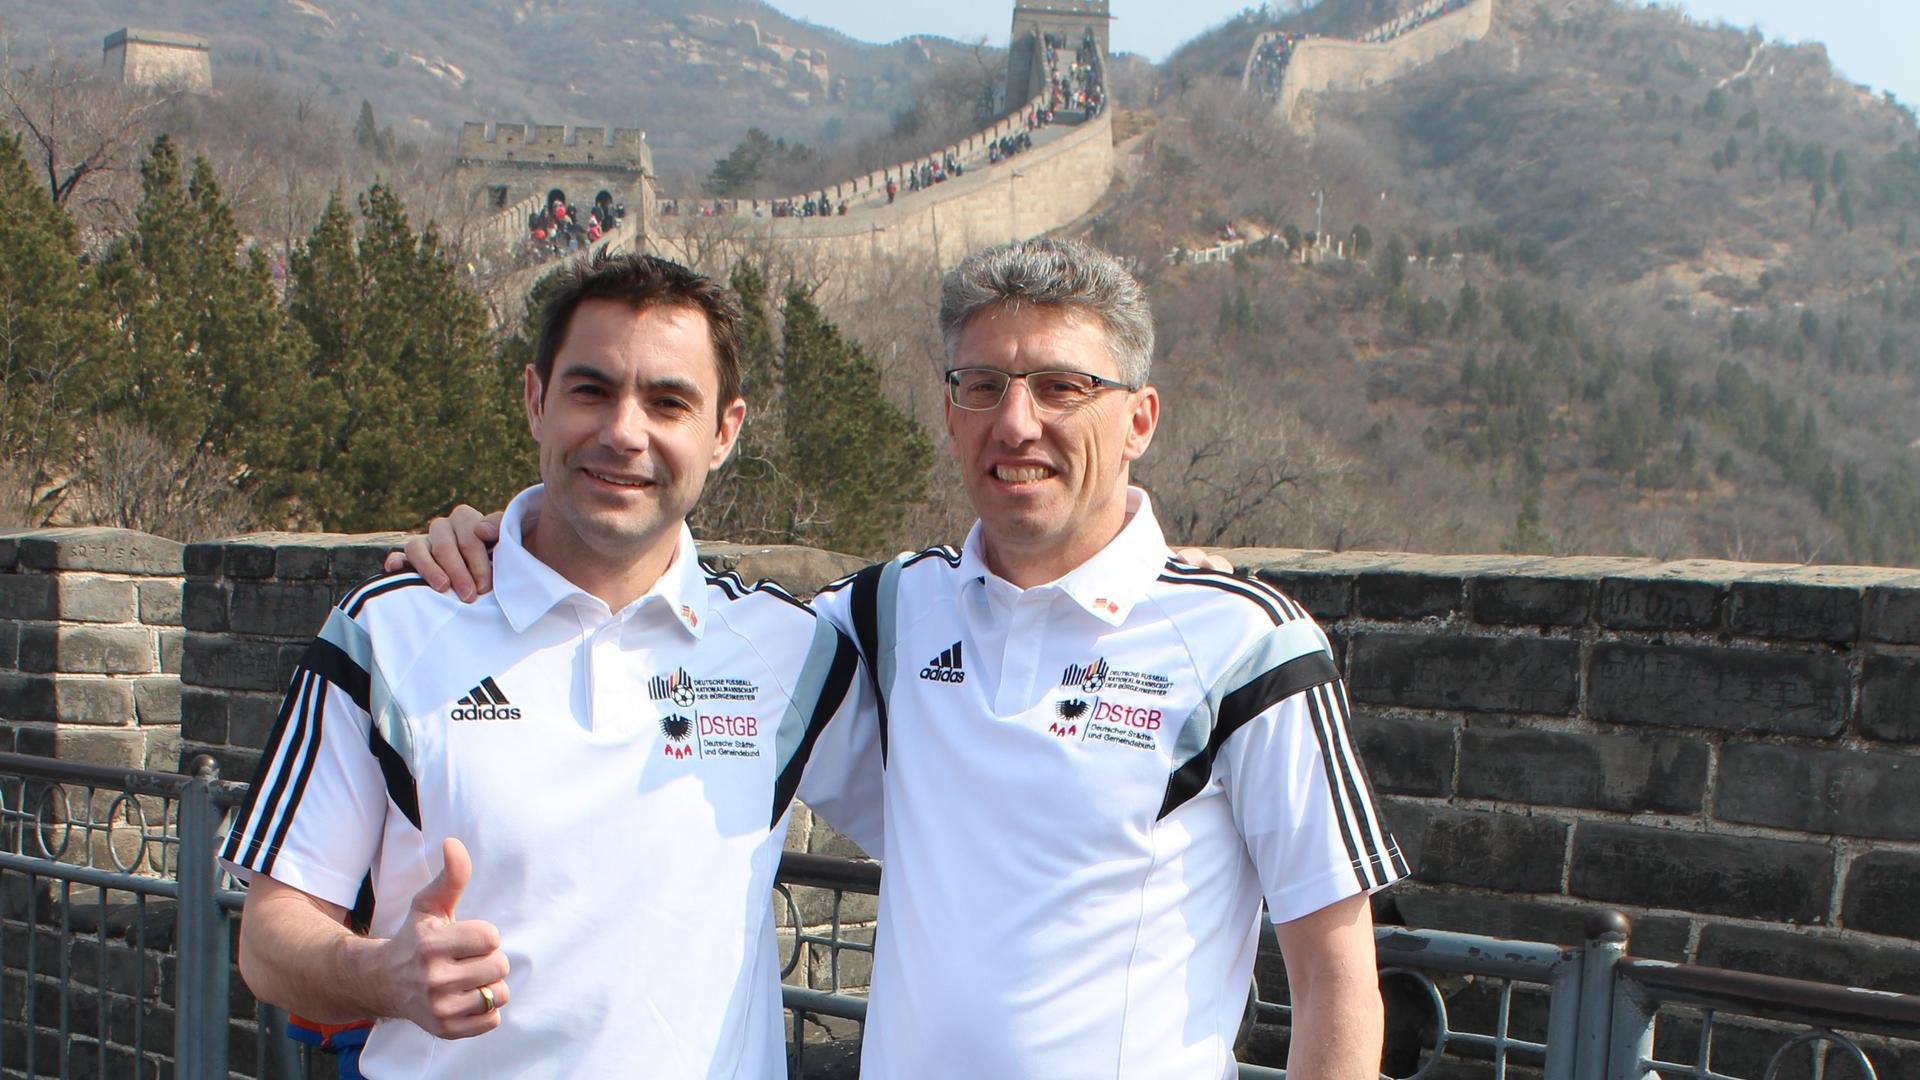 Konzentrieren sich auf 2022: Die beiden Mitglieder der Deutschen Fußballnationalmannschaft der Bürgermeister, Steffen Bochinger (links) und Carsten Lachenauer (hier bei einer China-Reise 2017) planen nach einem weiteren Jahr voller Spiel-Absagen für 2022 und 2023.